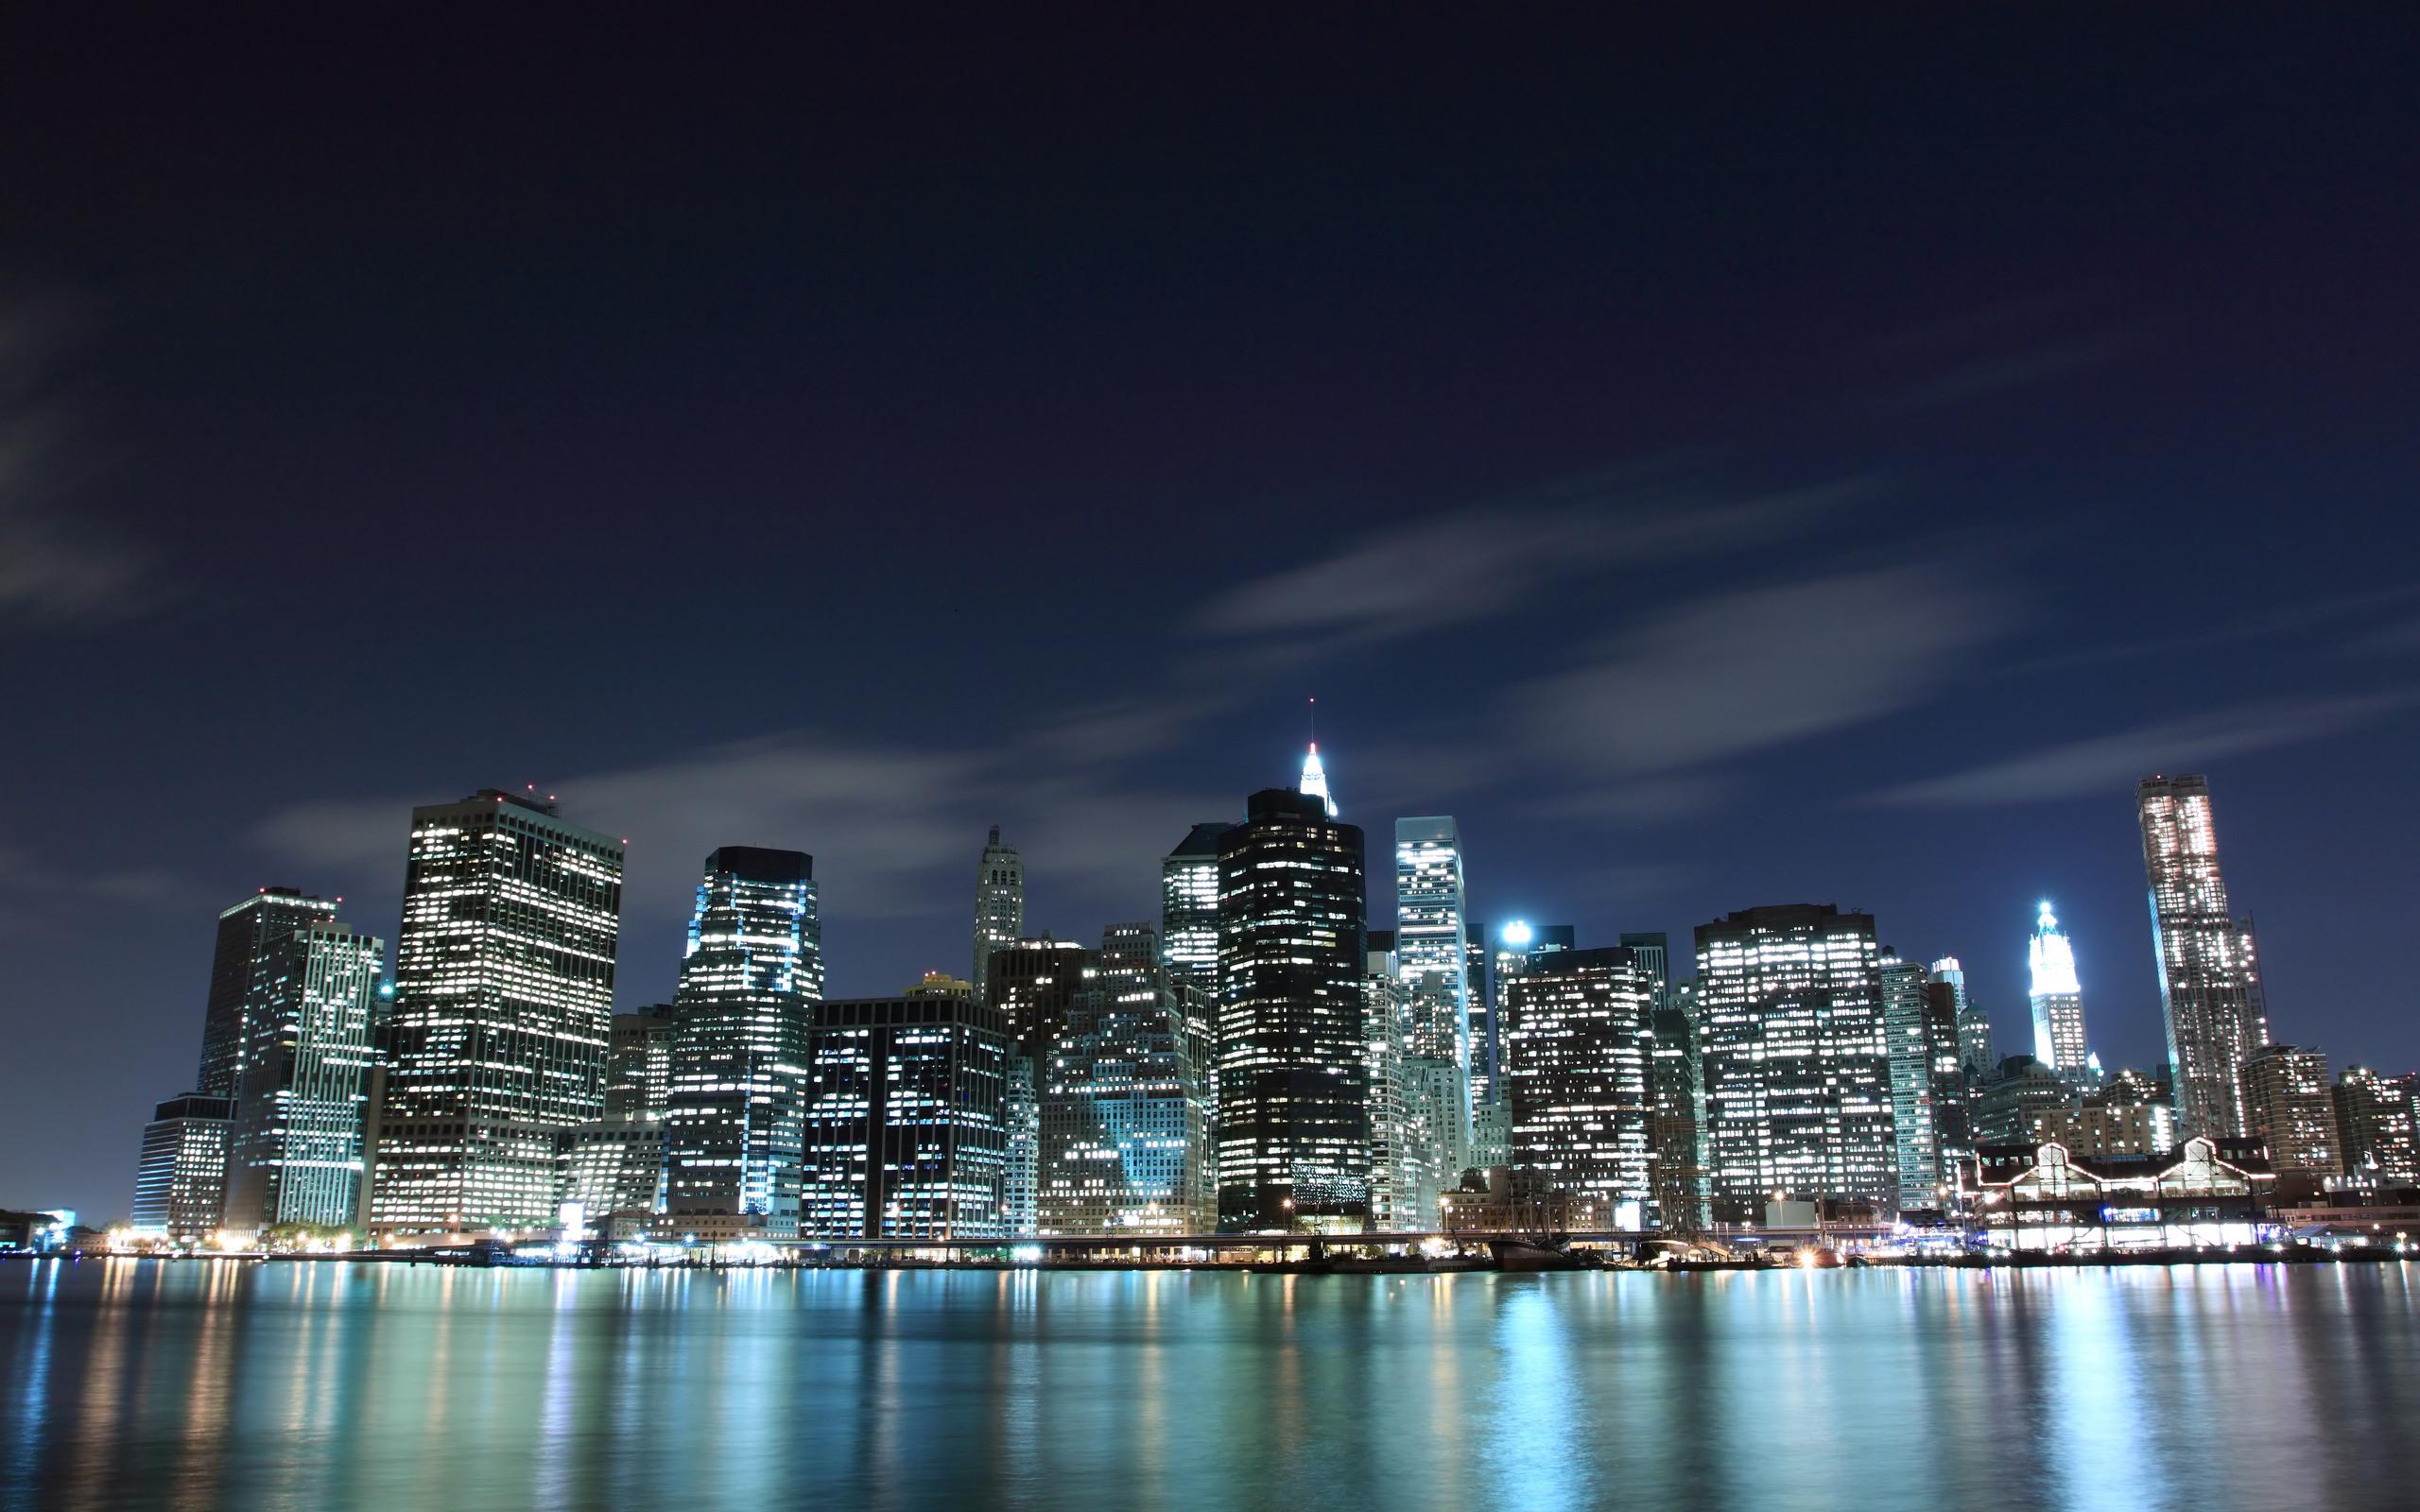 глубоким уважением фото ночного города на рабочий стол что мужчины беспощадны